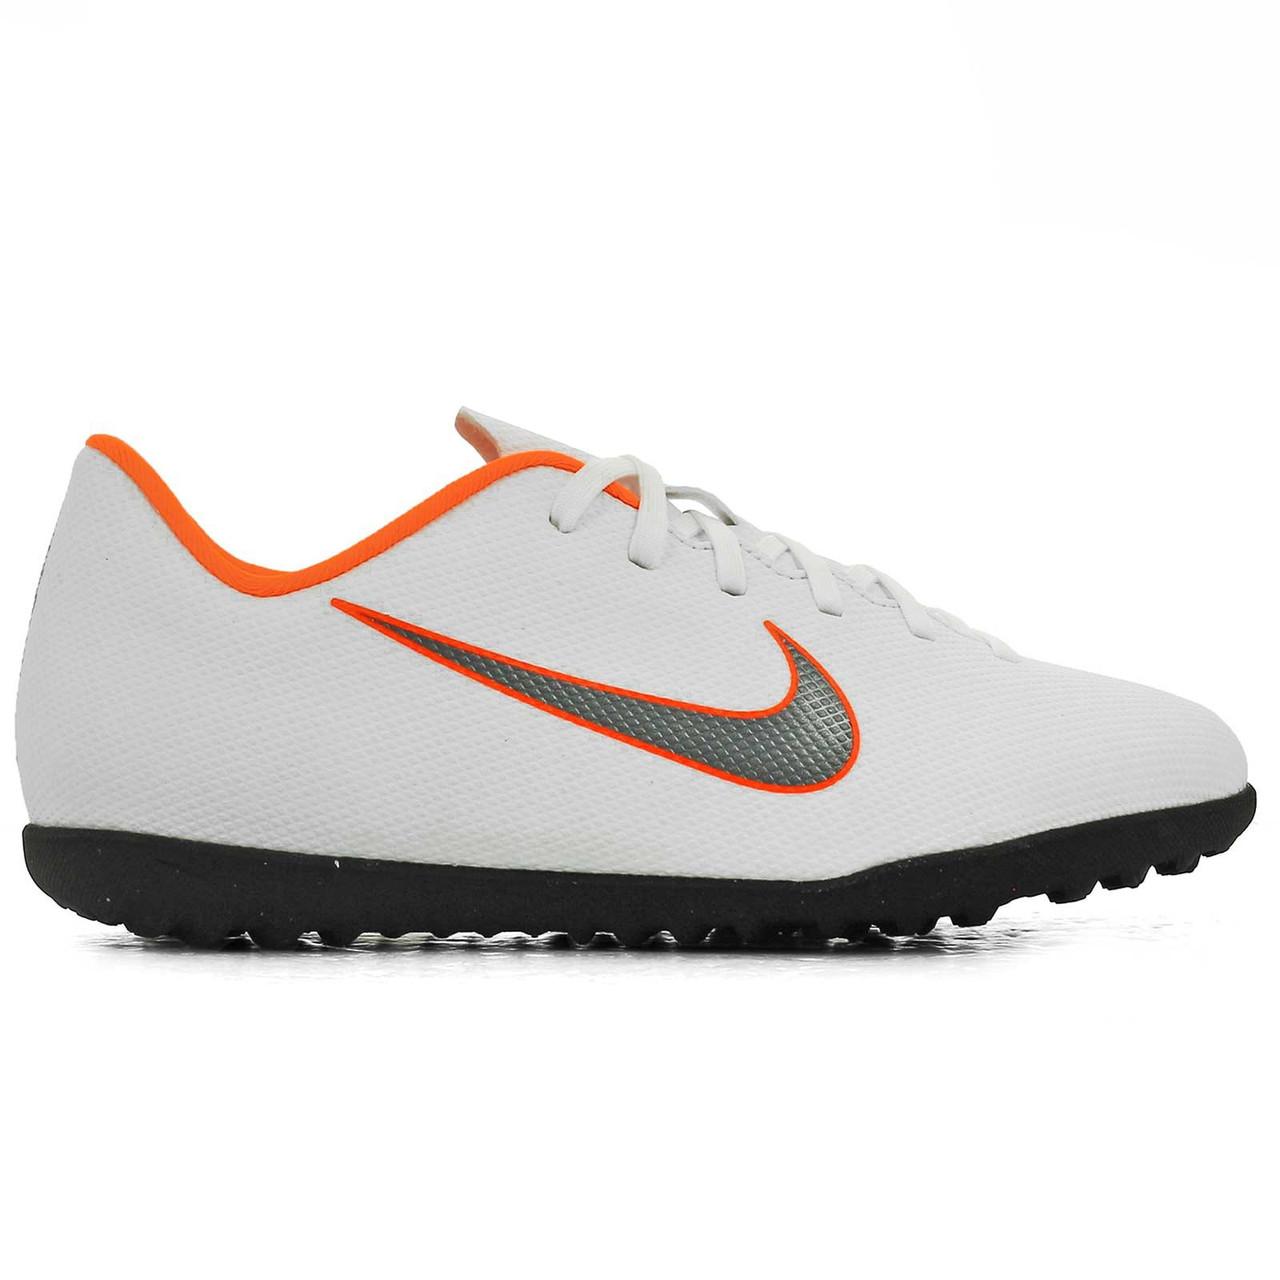 b3d7c4c9 Детские сороконожки Nike Jr. MercurialX Vapor XII Club TF (AH7355-107)